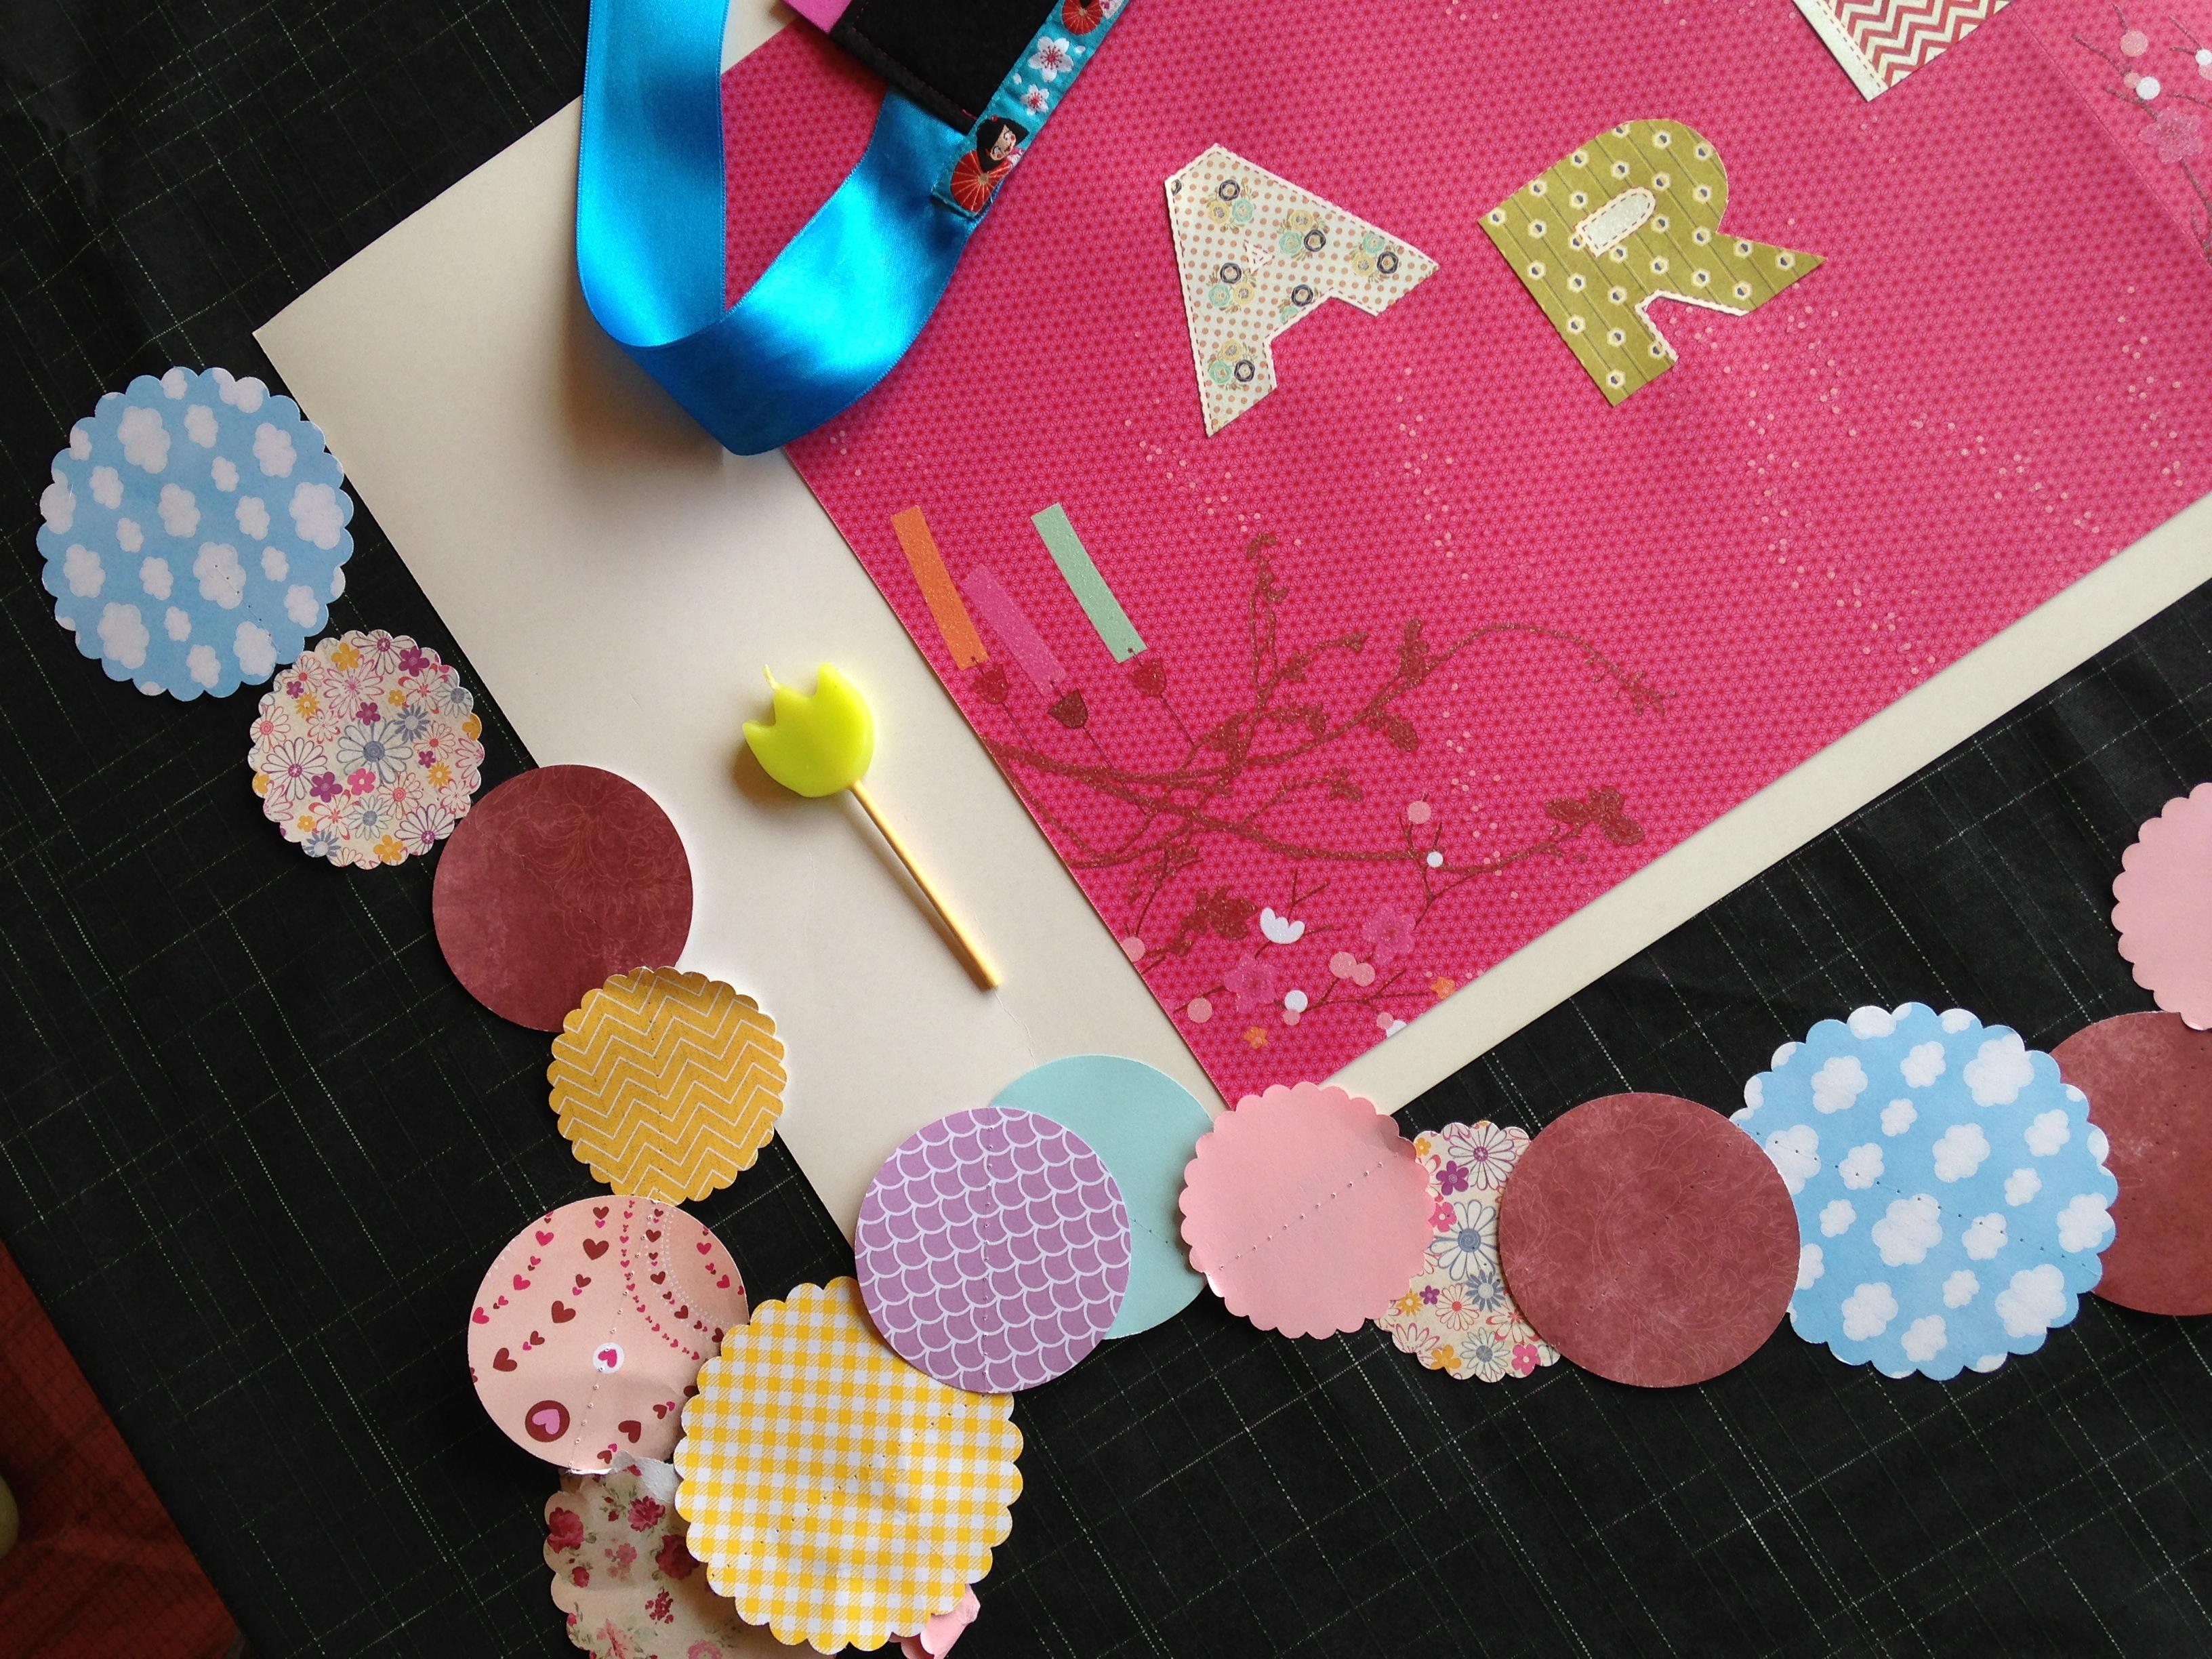 Cartel de feliz cumpleaños caseros - Imagui